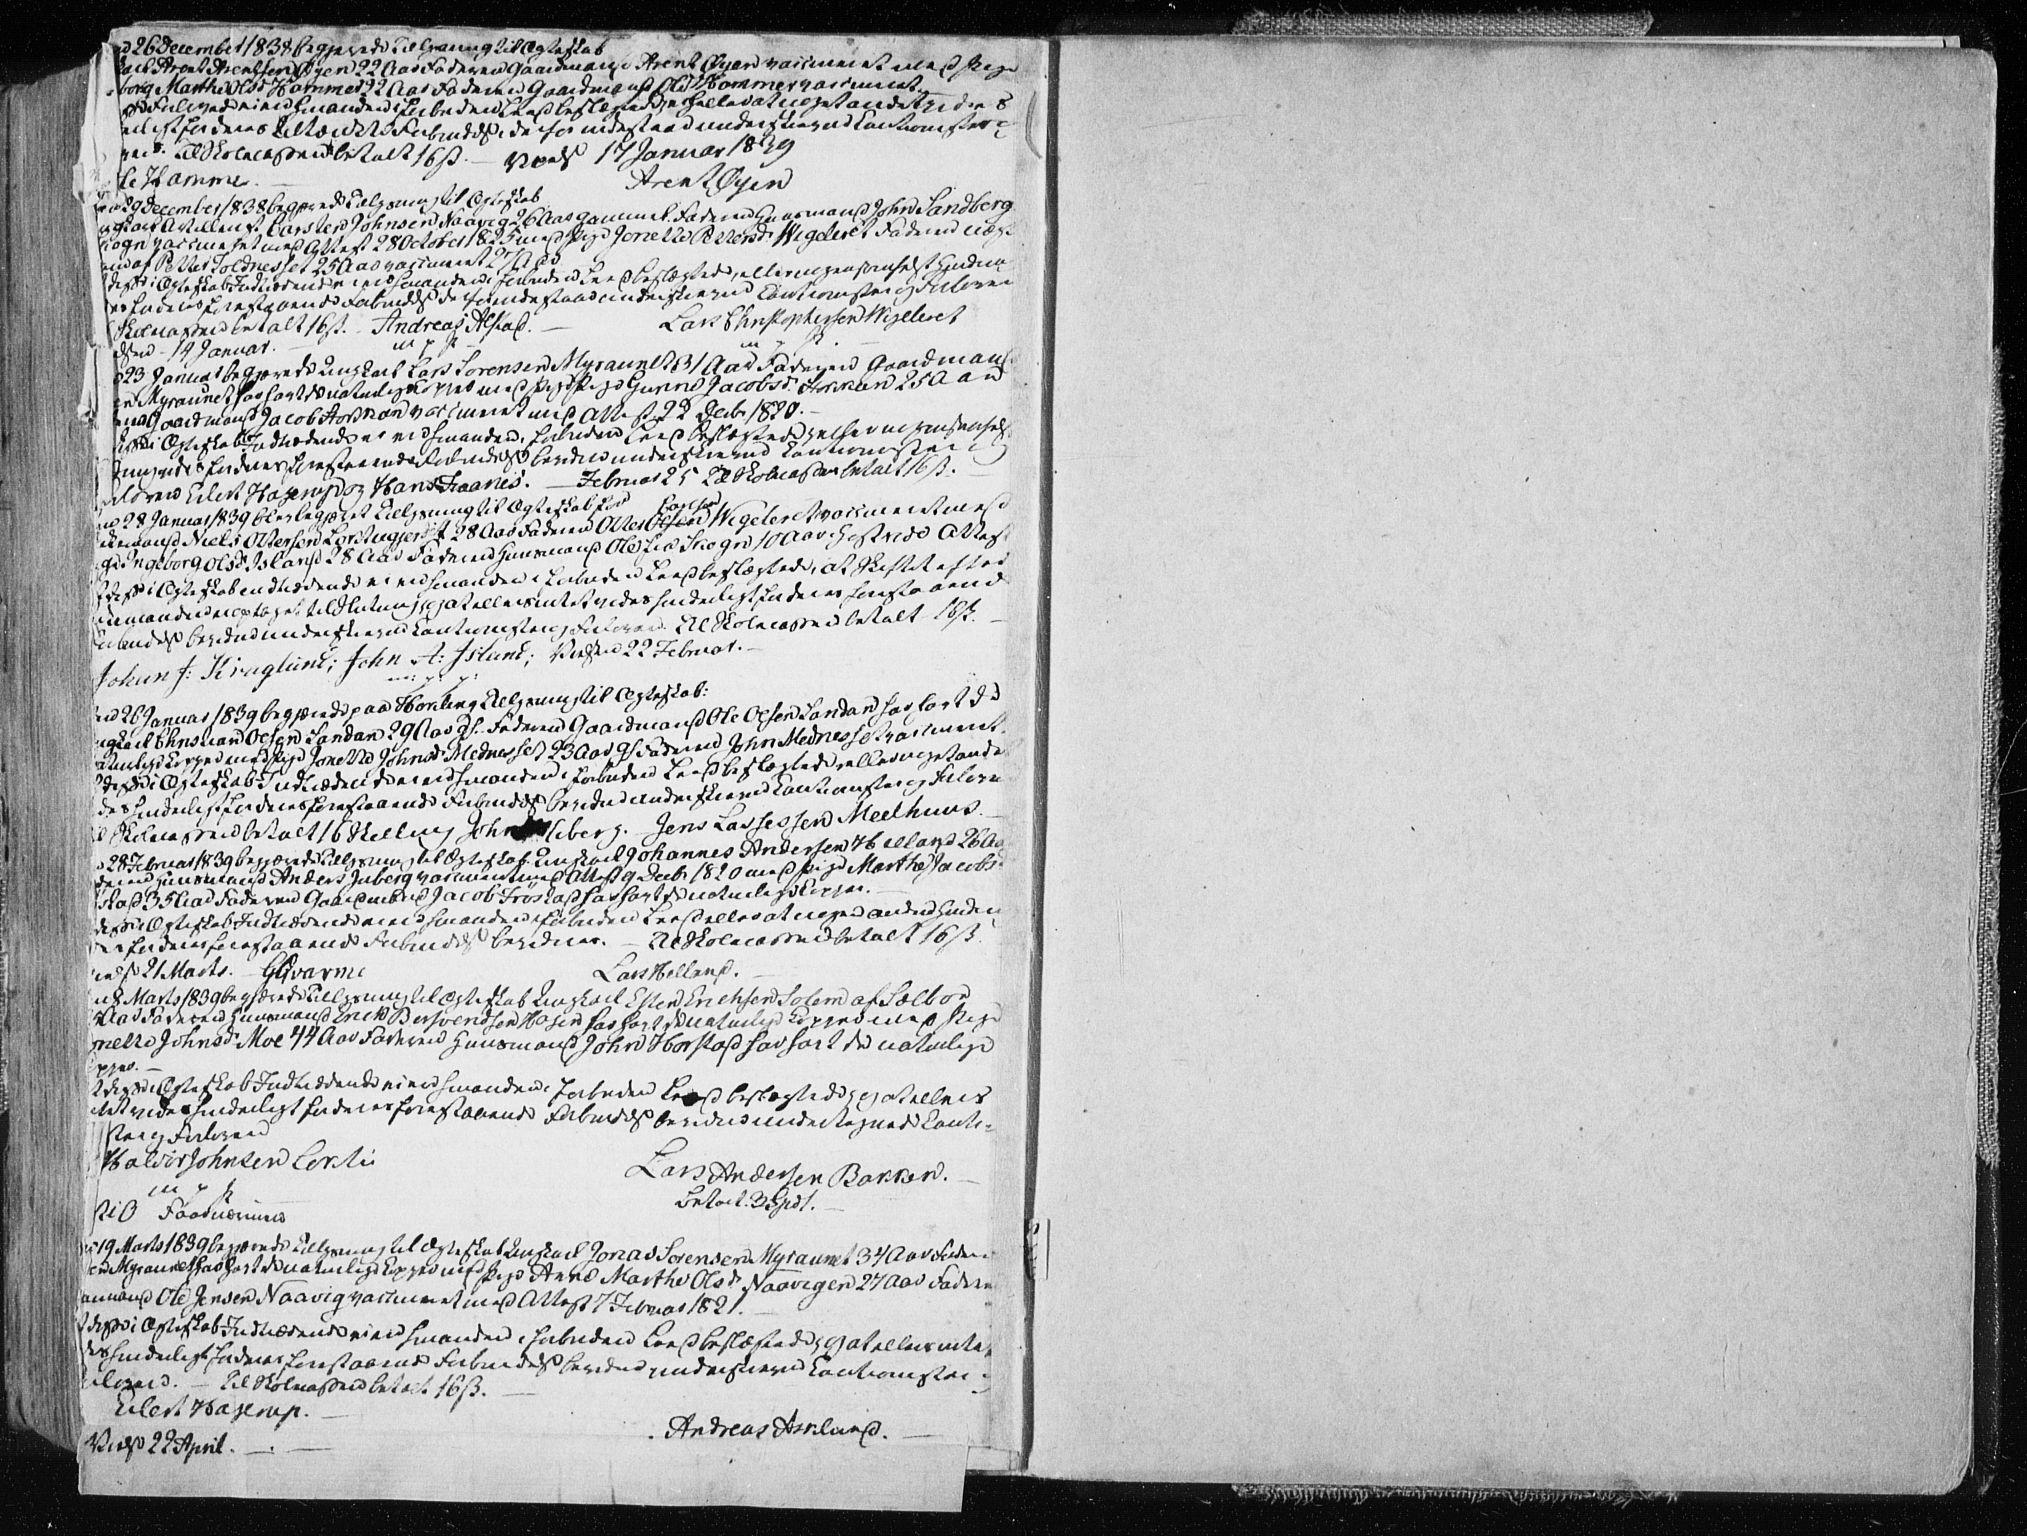 SAT, Ministerialprotokoller, klokkerbøker og fødselsregistre - Nord-Trøndelag, 713/L0114: Ministerialbok nr. 713A05, 1827-1839, s. 18b